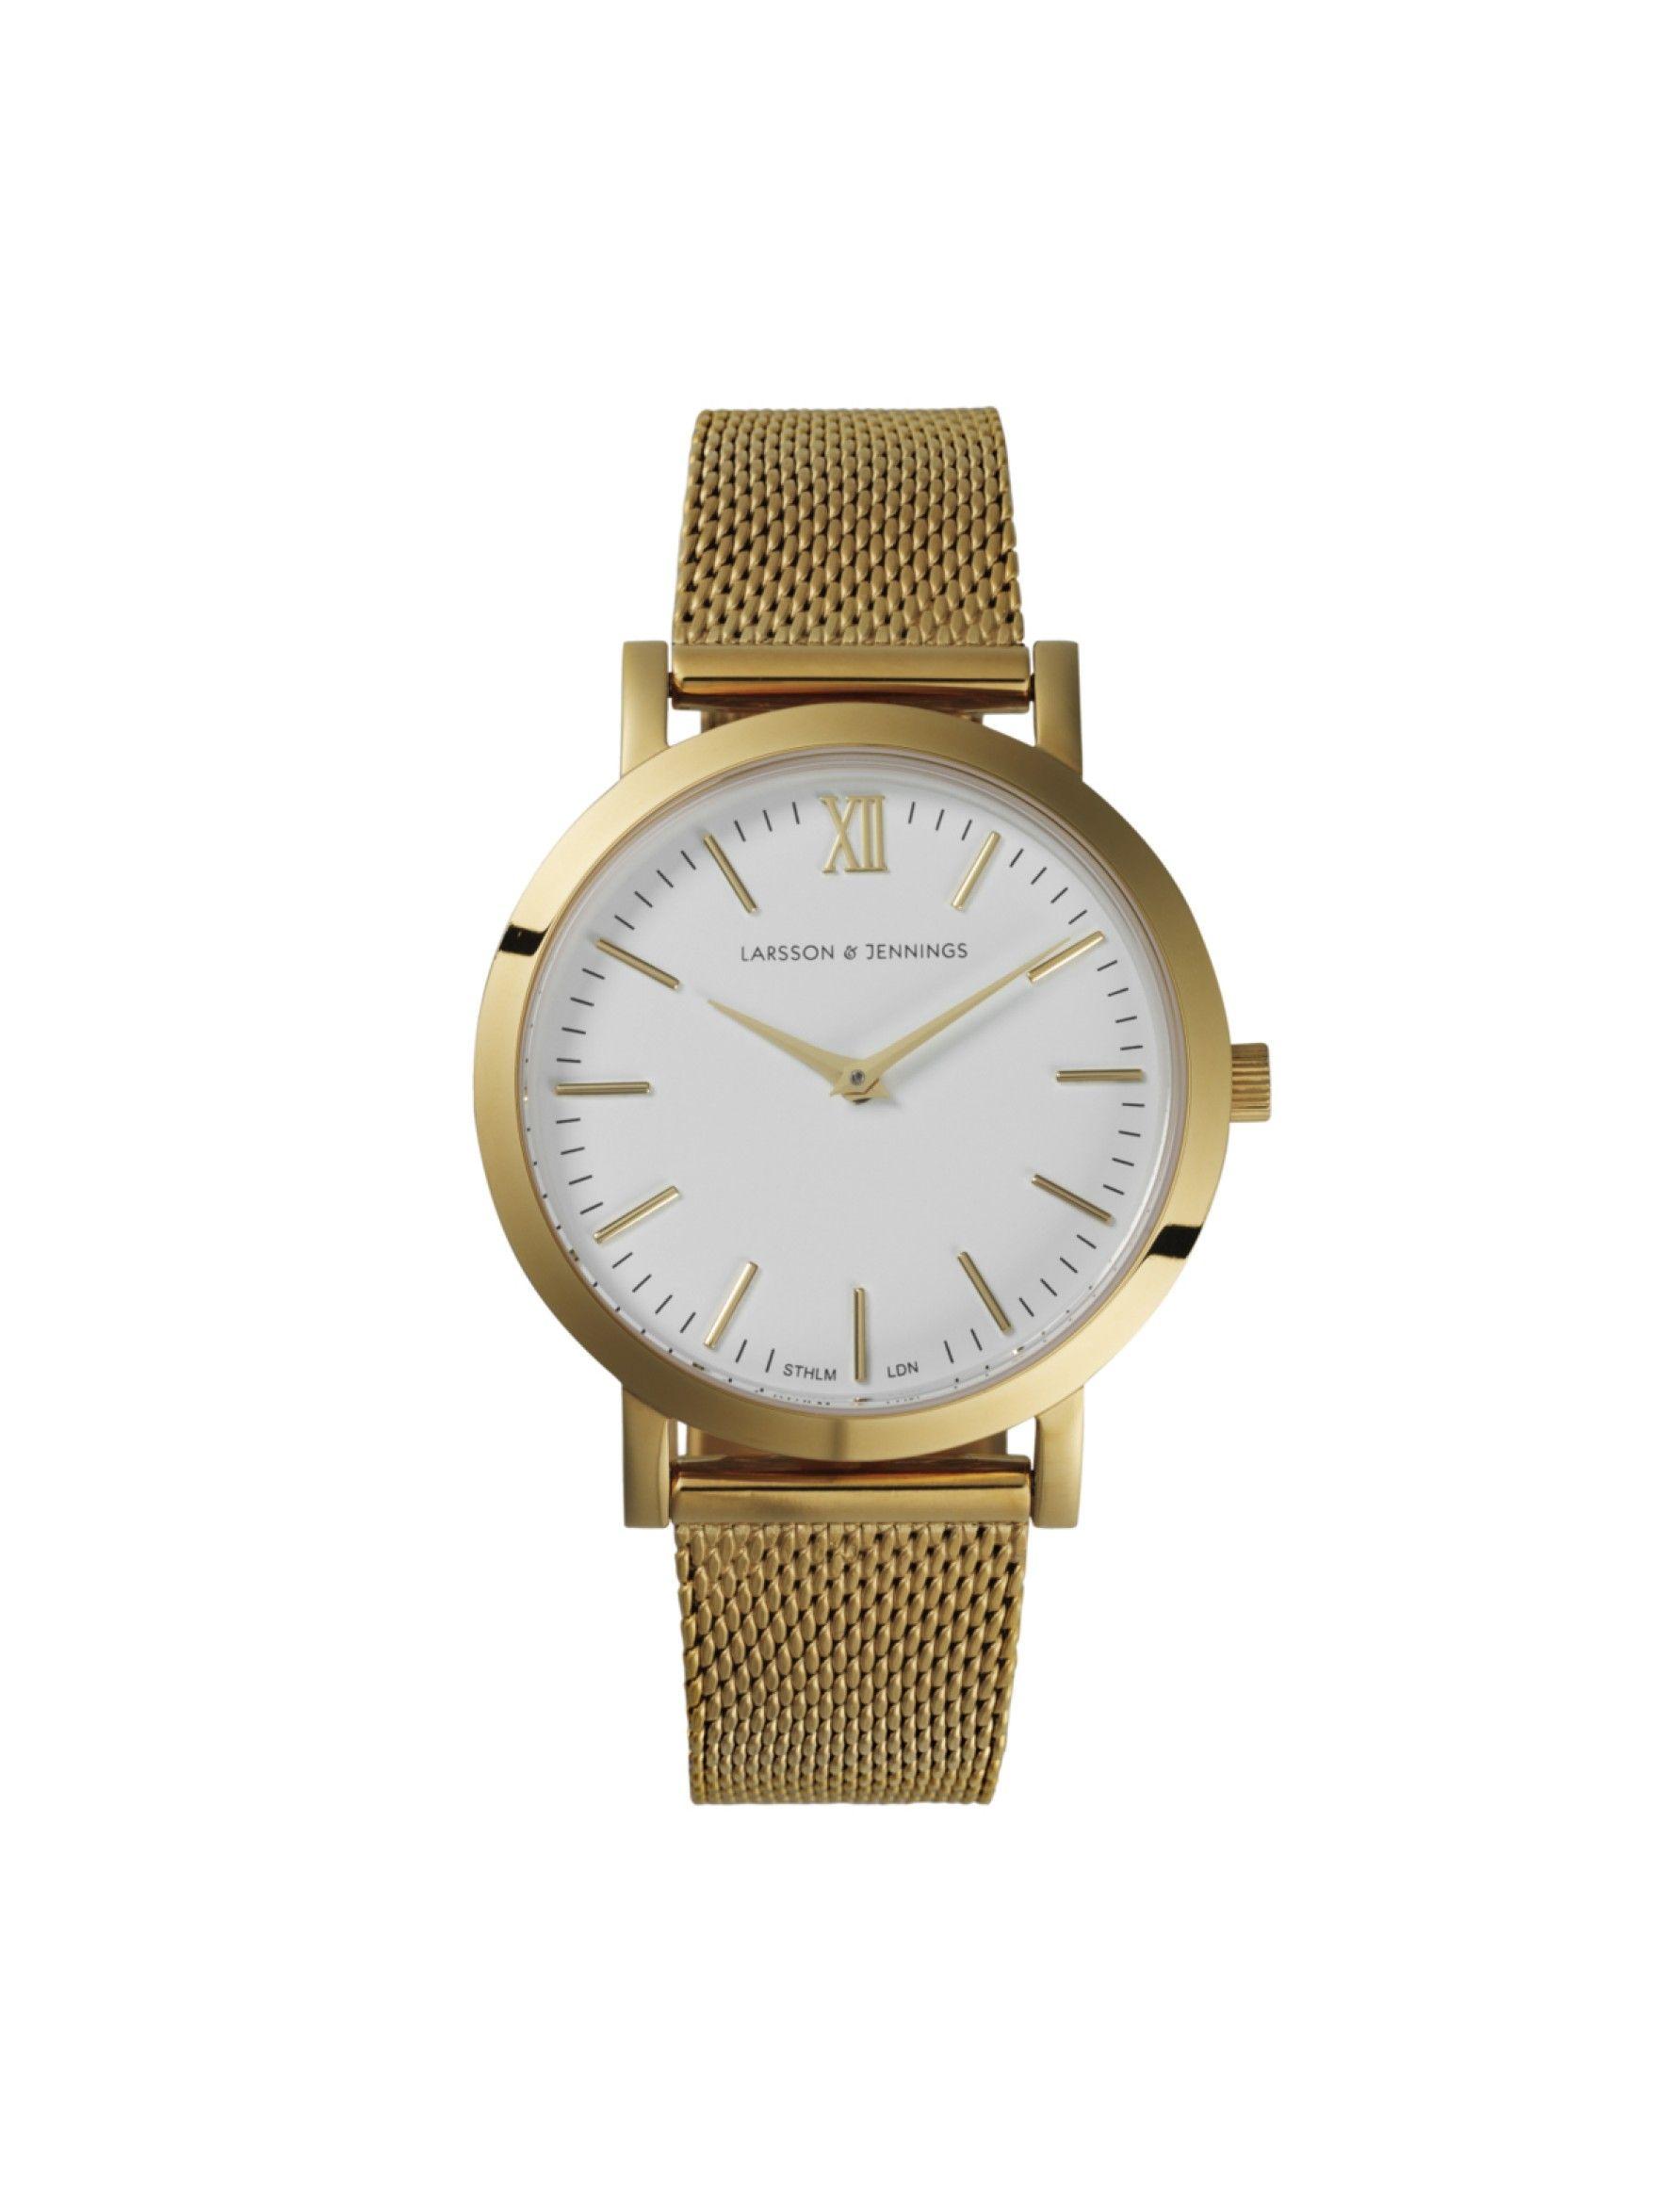 Larsson & Jennings Liten Gold Bracelet Watch